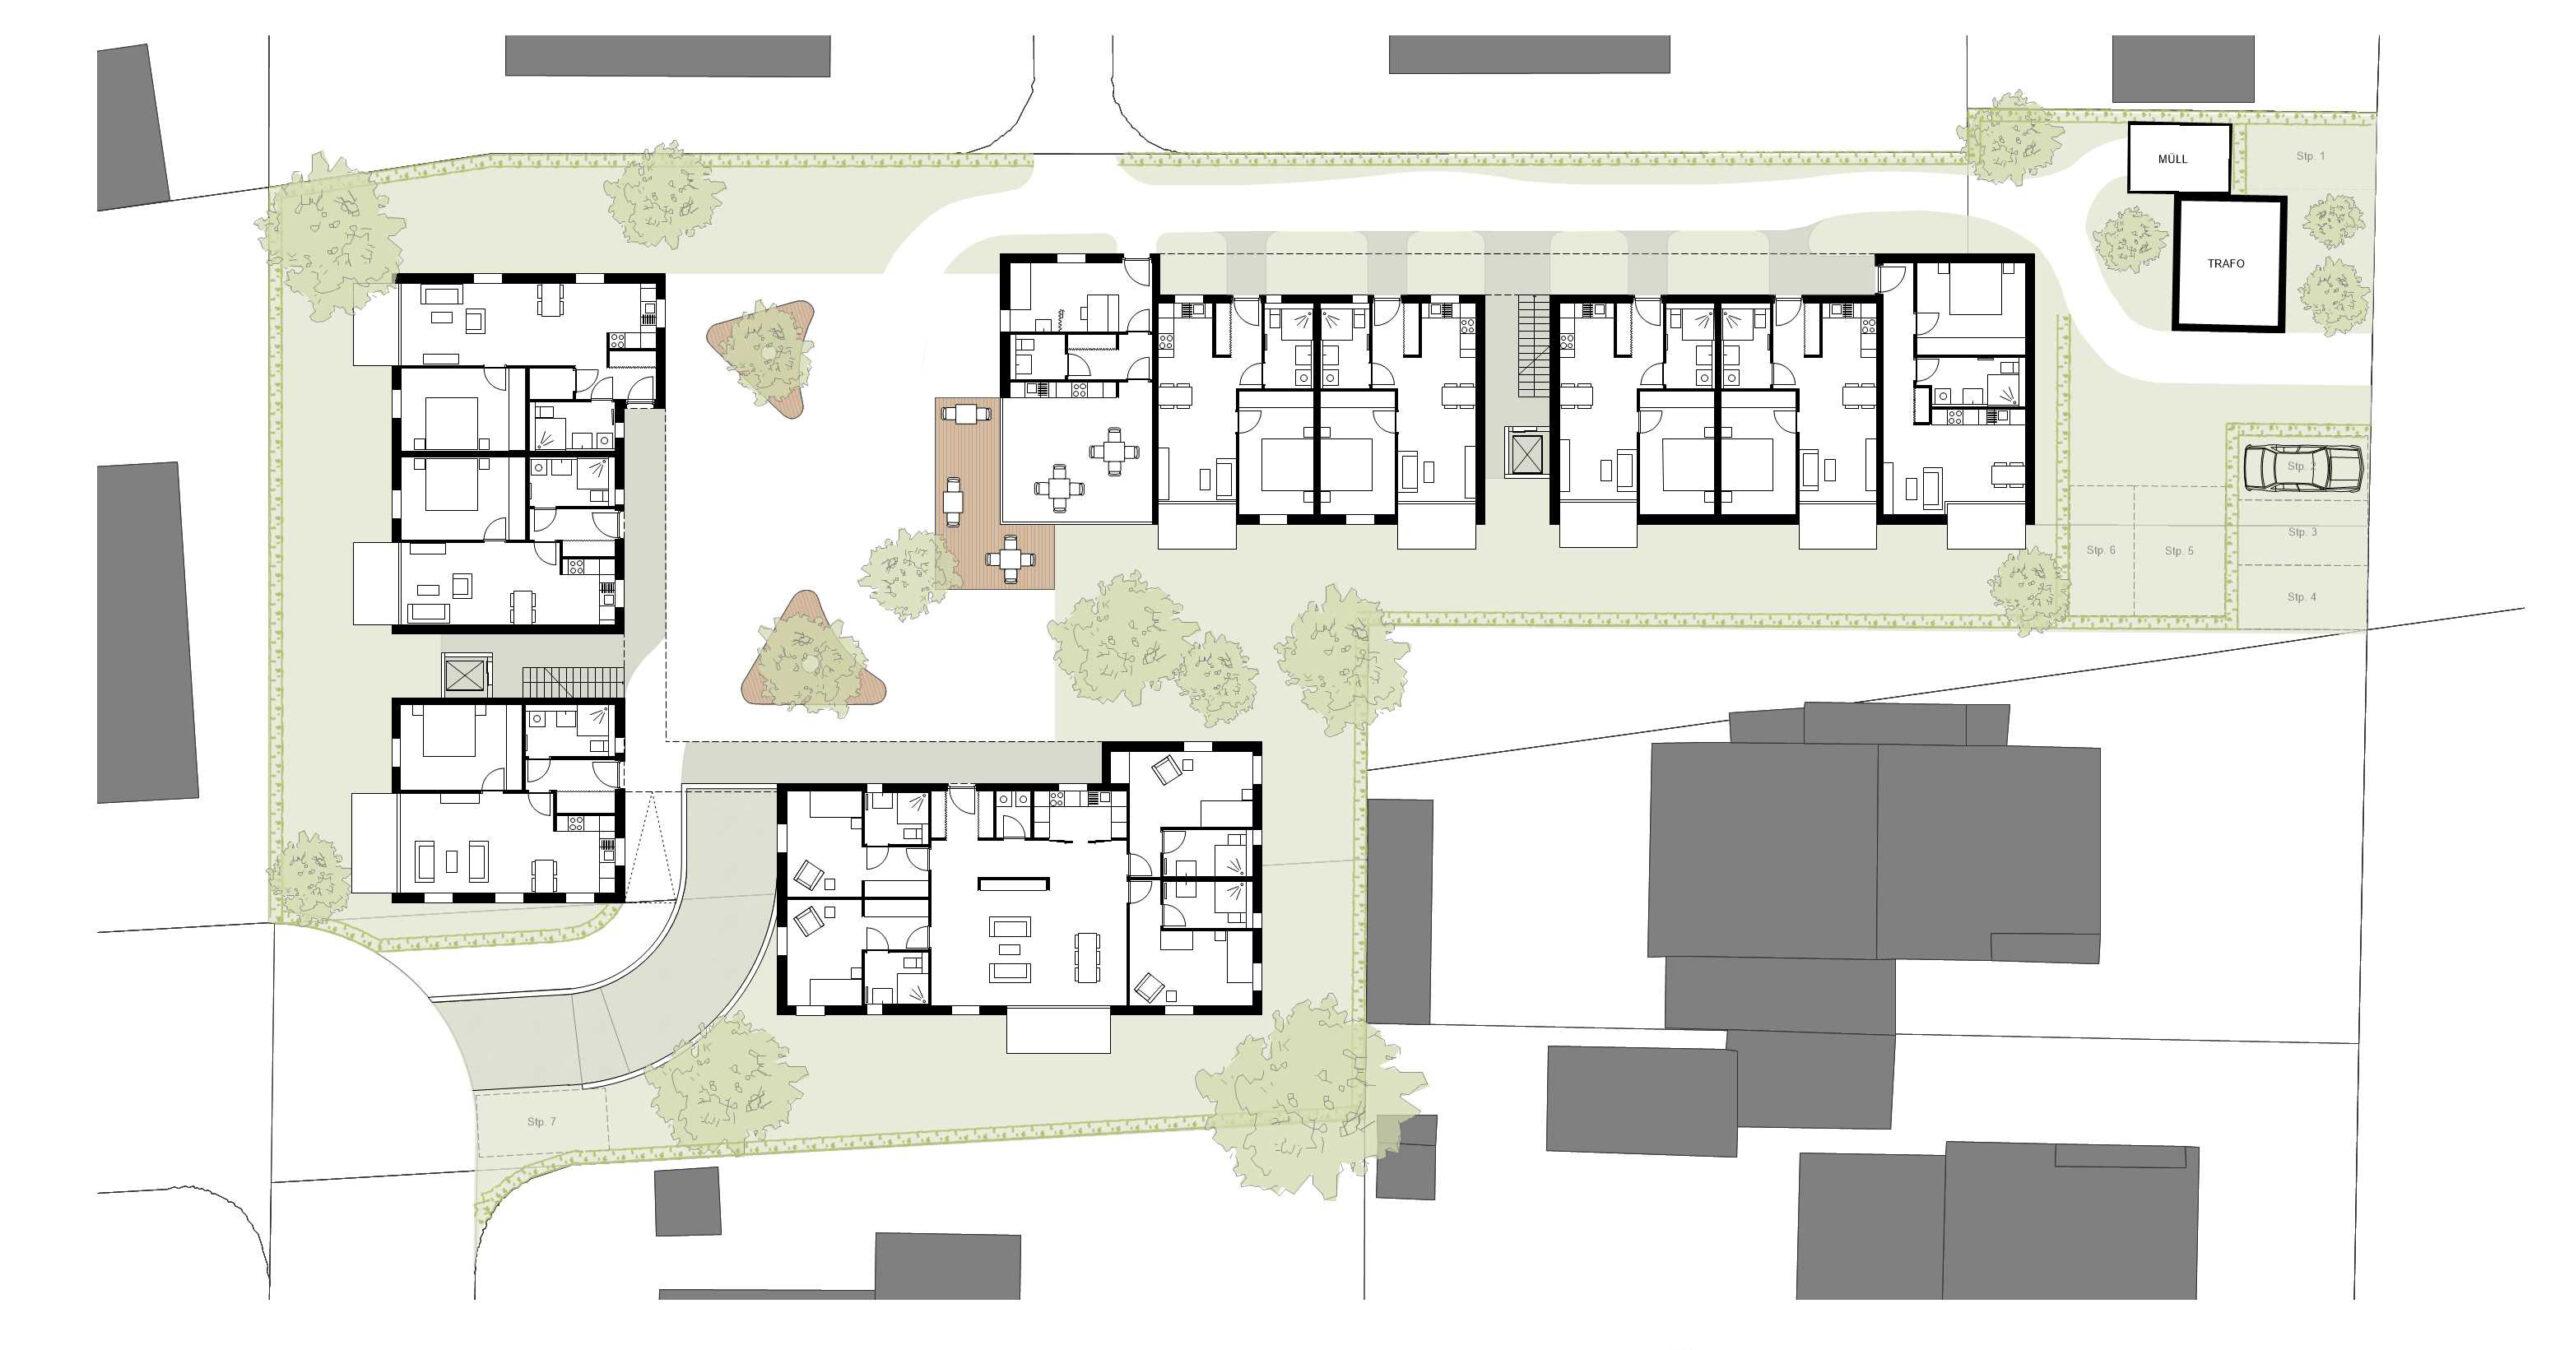 316_Mainstrasse_Grundriss Erdgeschoss_FFM-ARCHITEKTEN